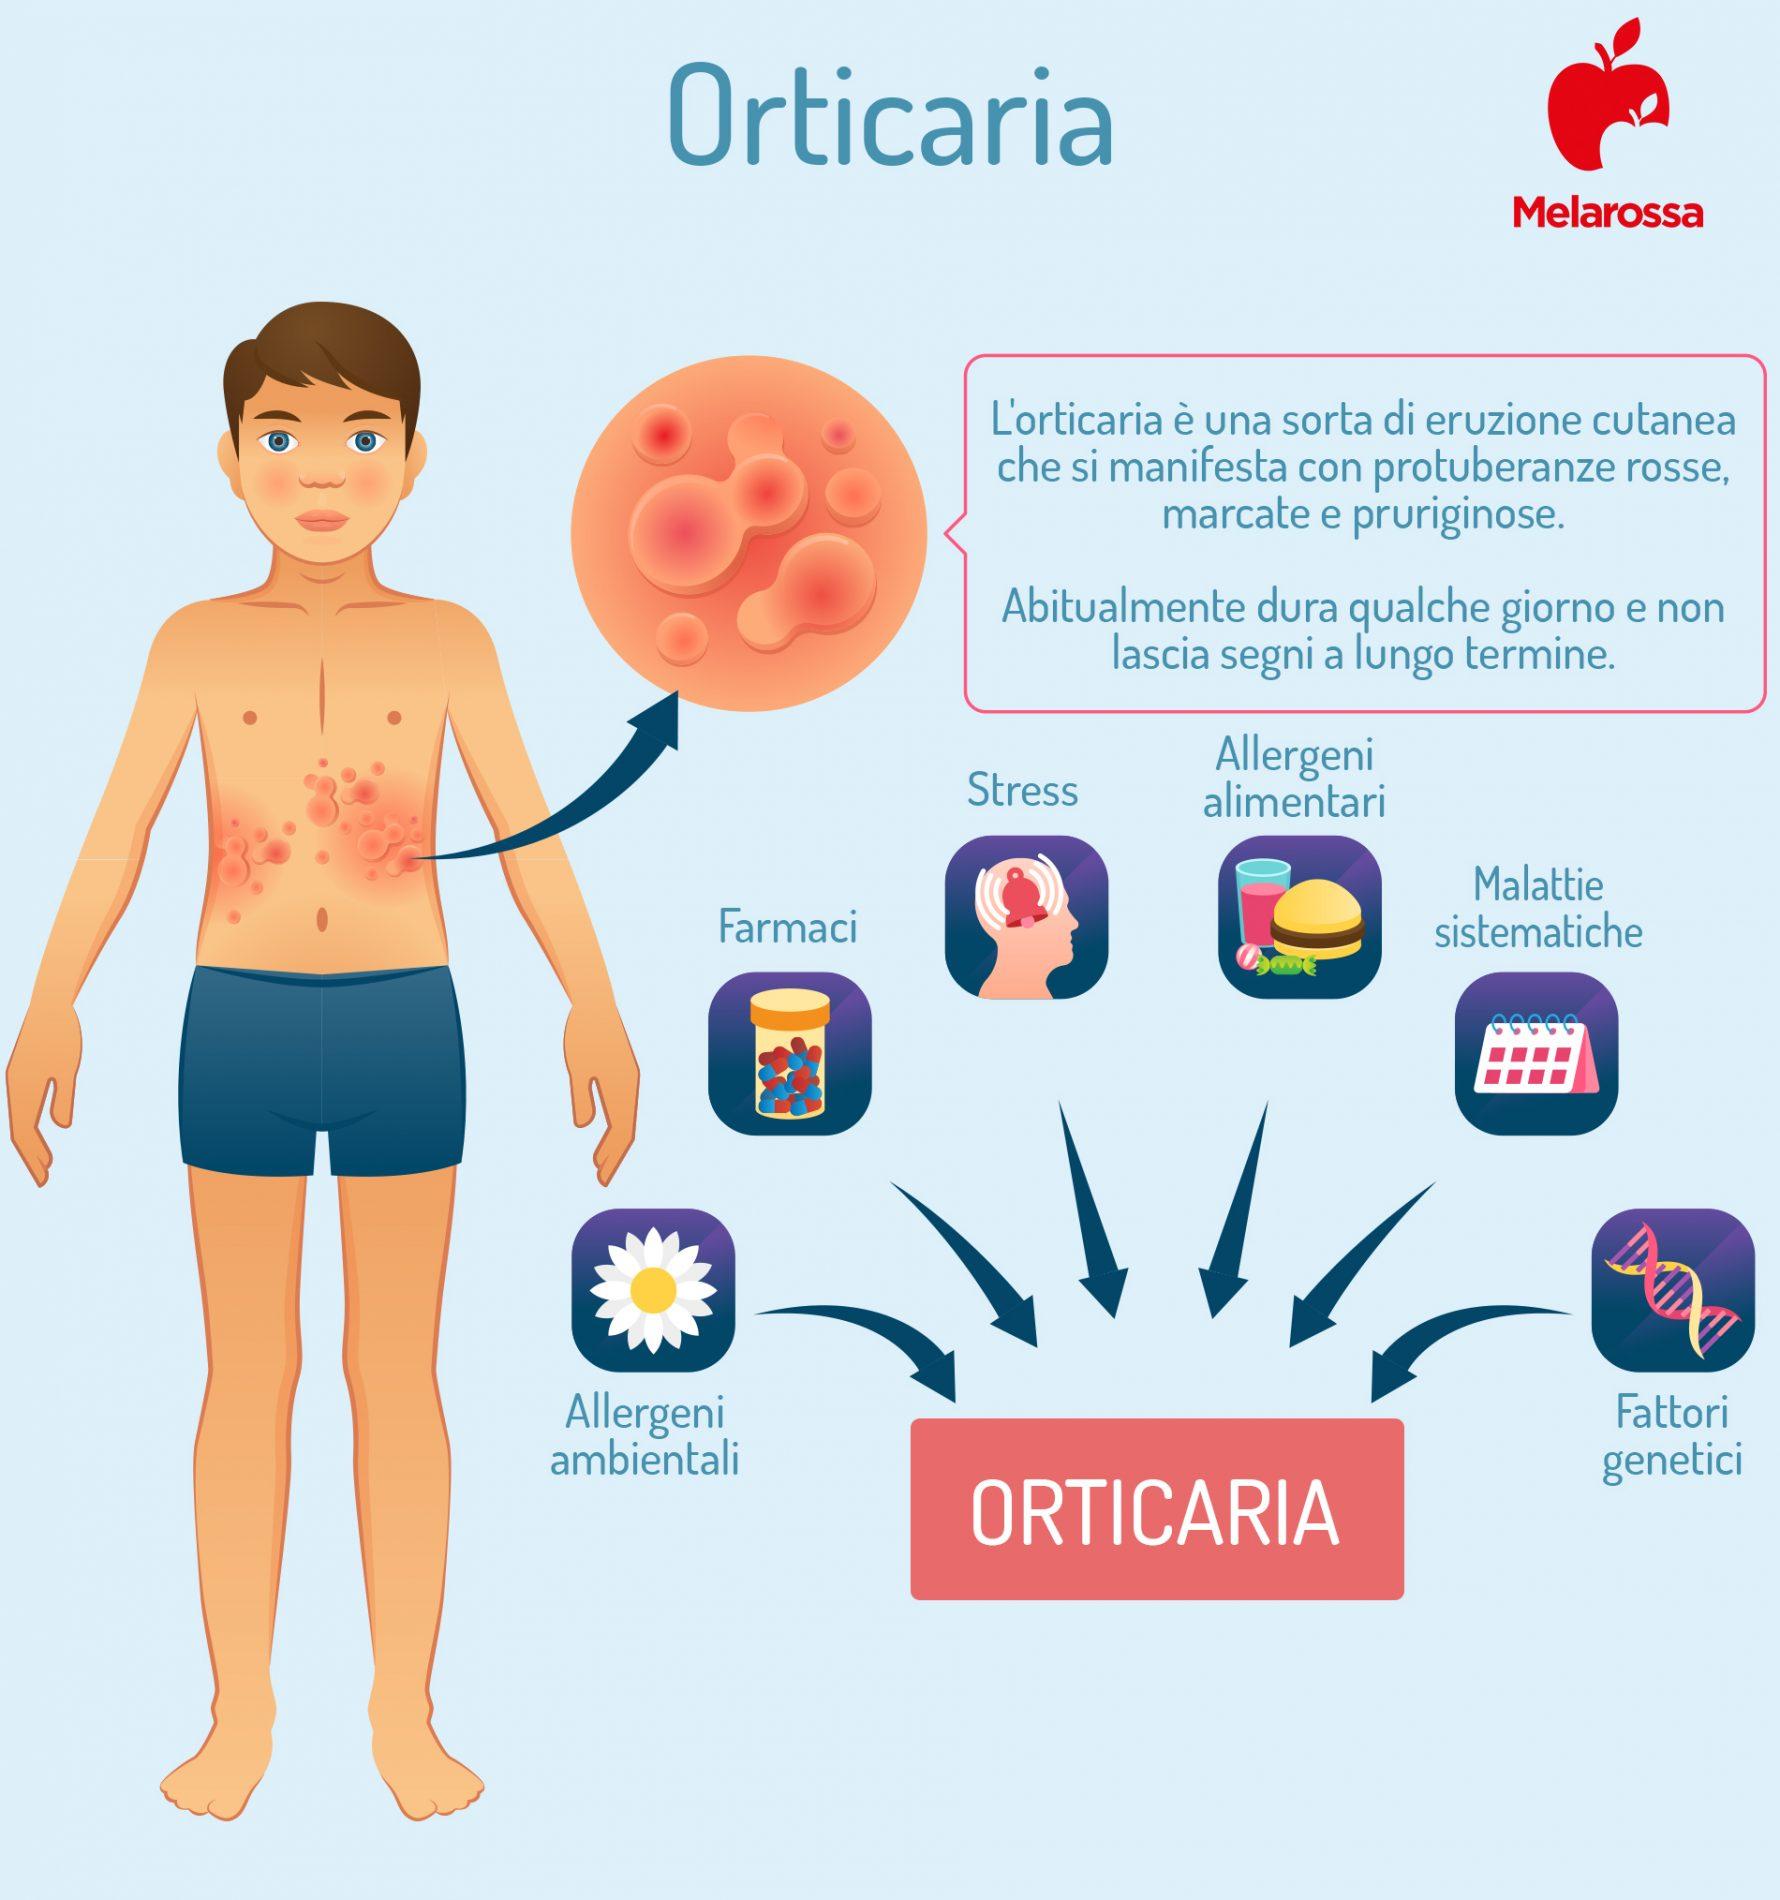 orticaria: cause